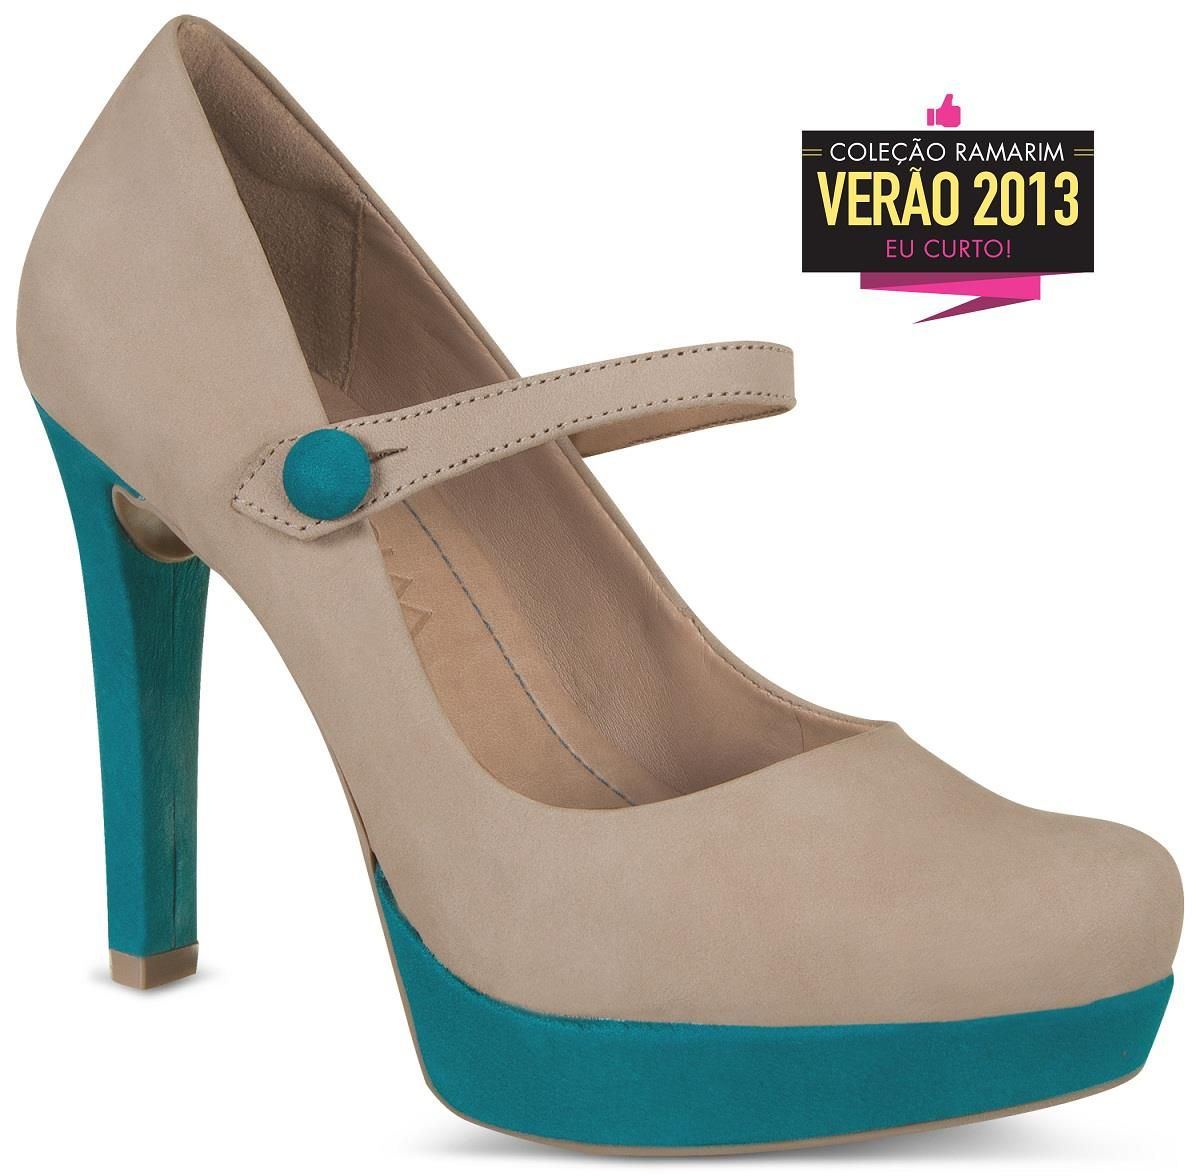 2898b318f2 Sapato da nova coleção Ramarim (Via Facebook - 3 9 2012)